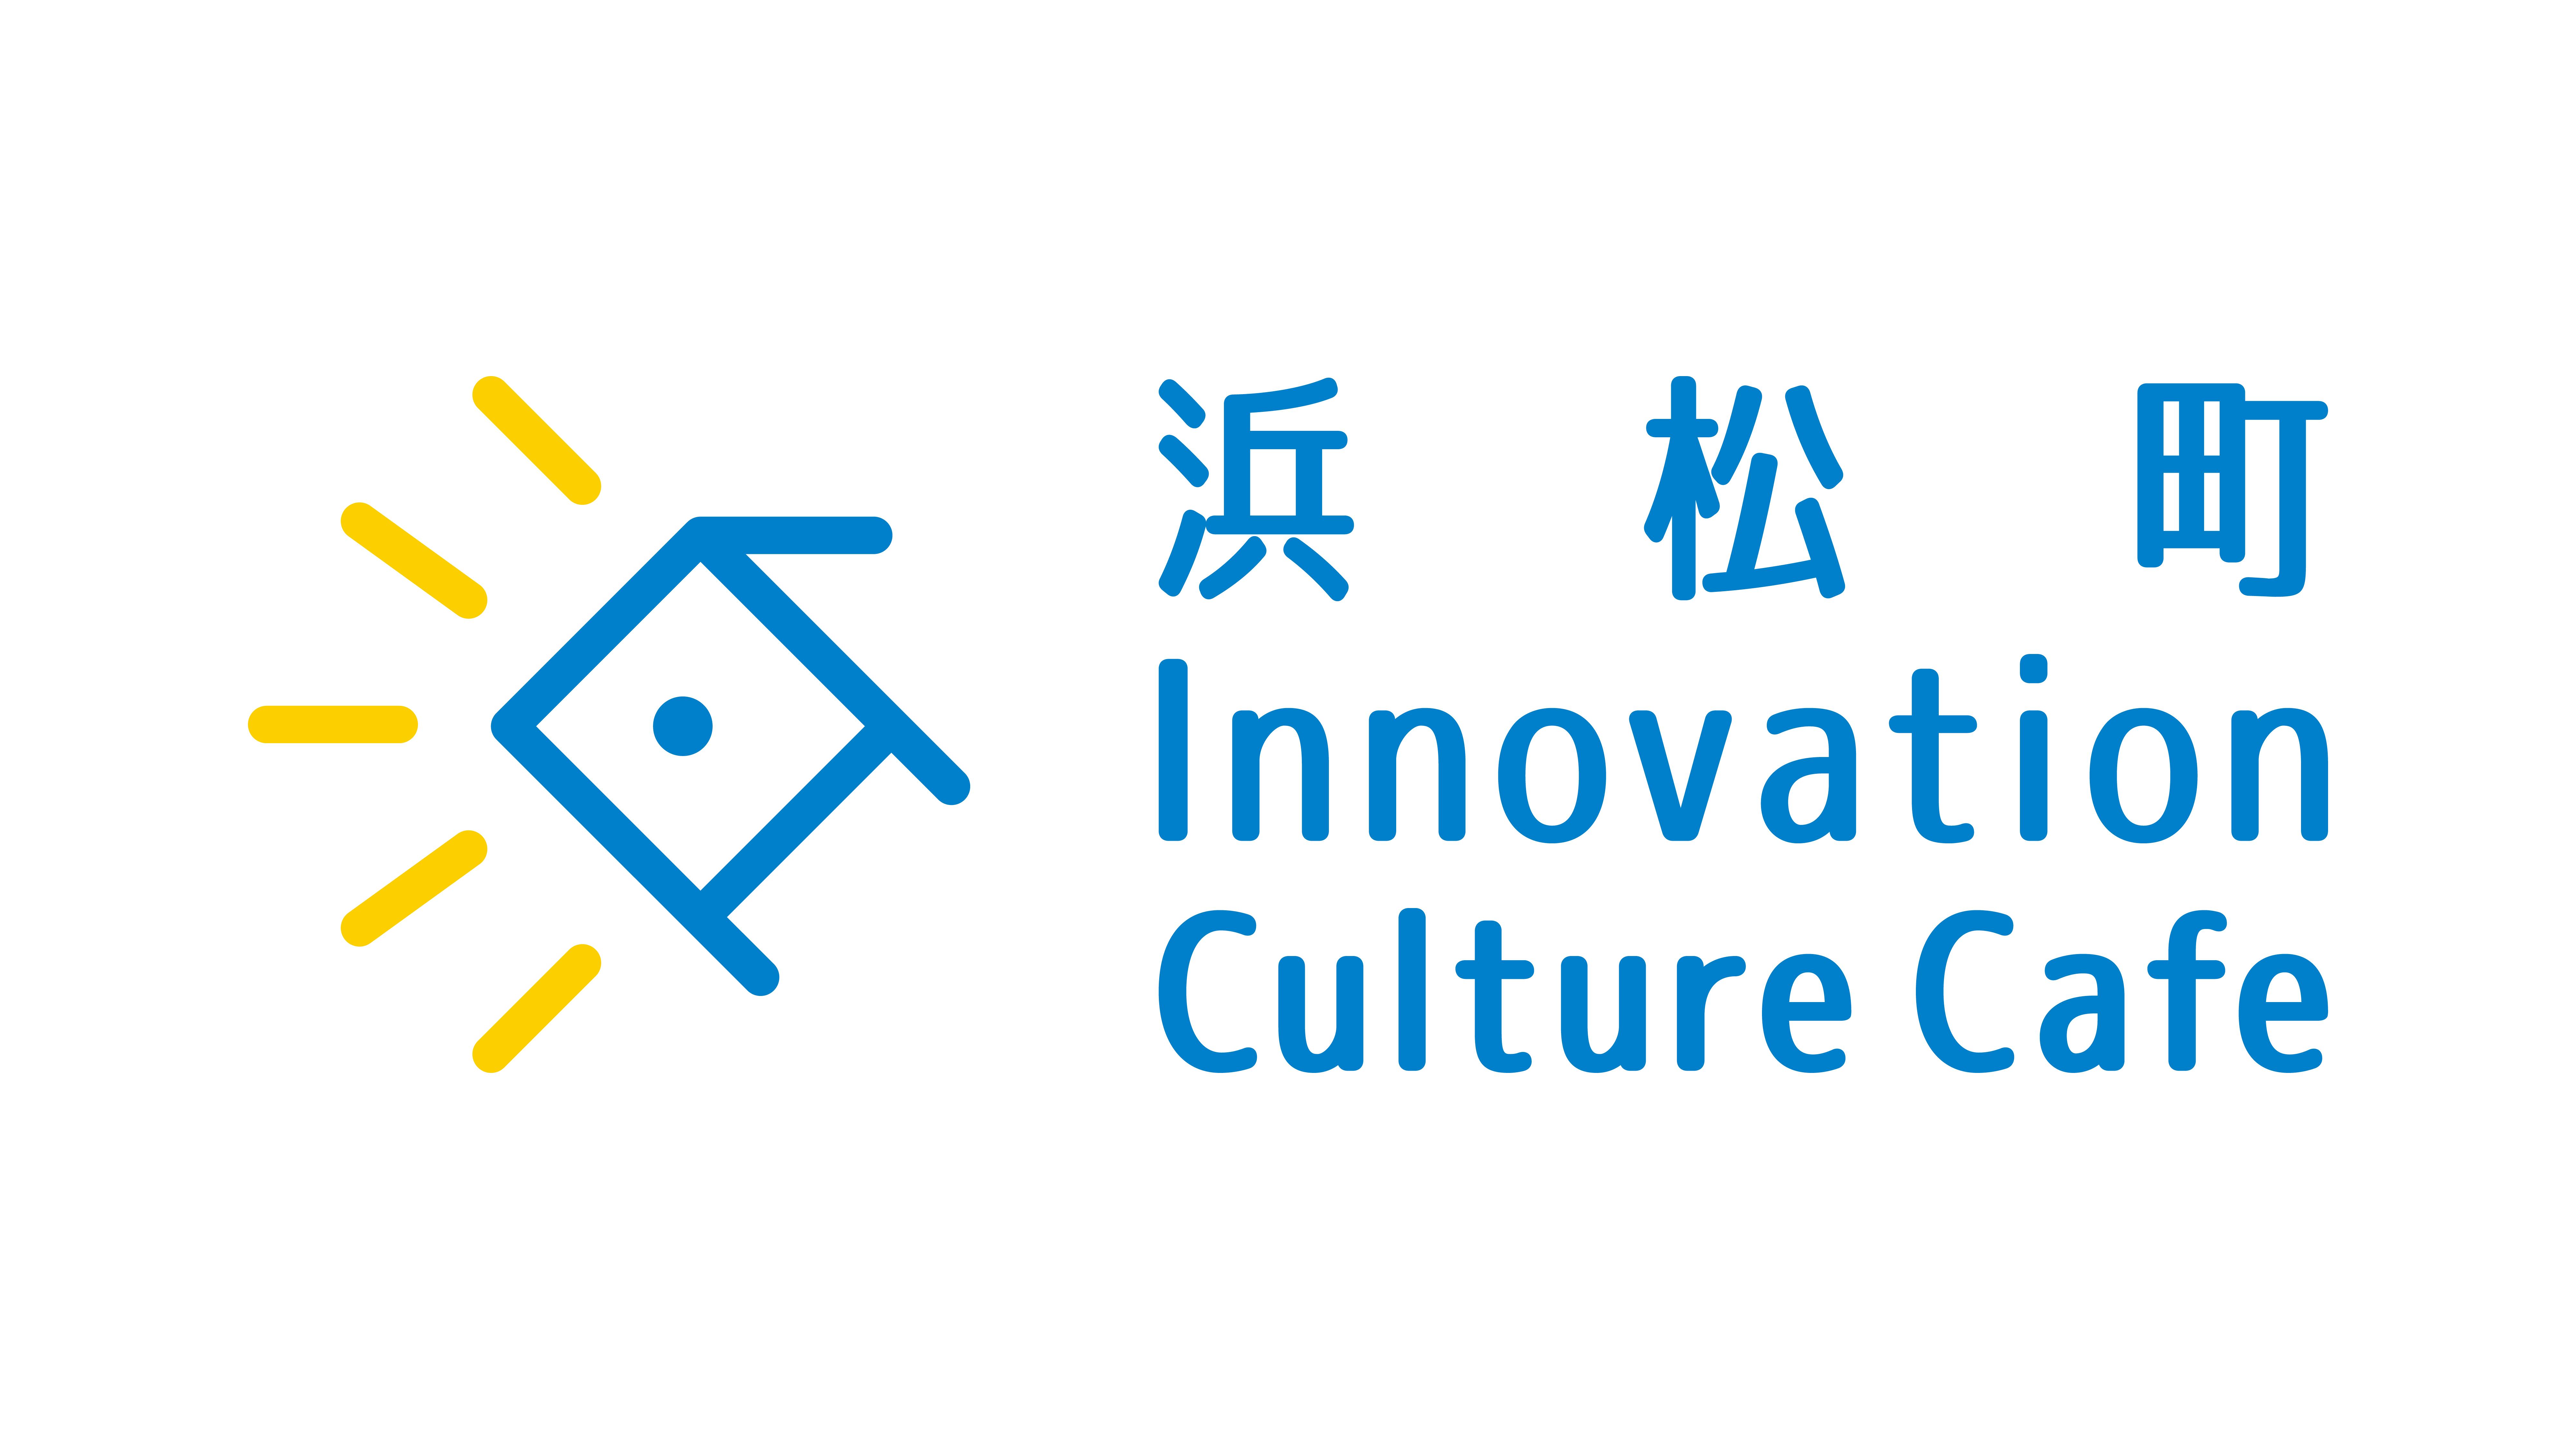 「浜松町Innovation Culture Cafe」#1食とイノベーション~未来の食はどう変わるのか?(04.26UP)